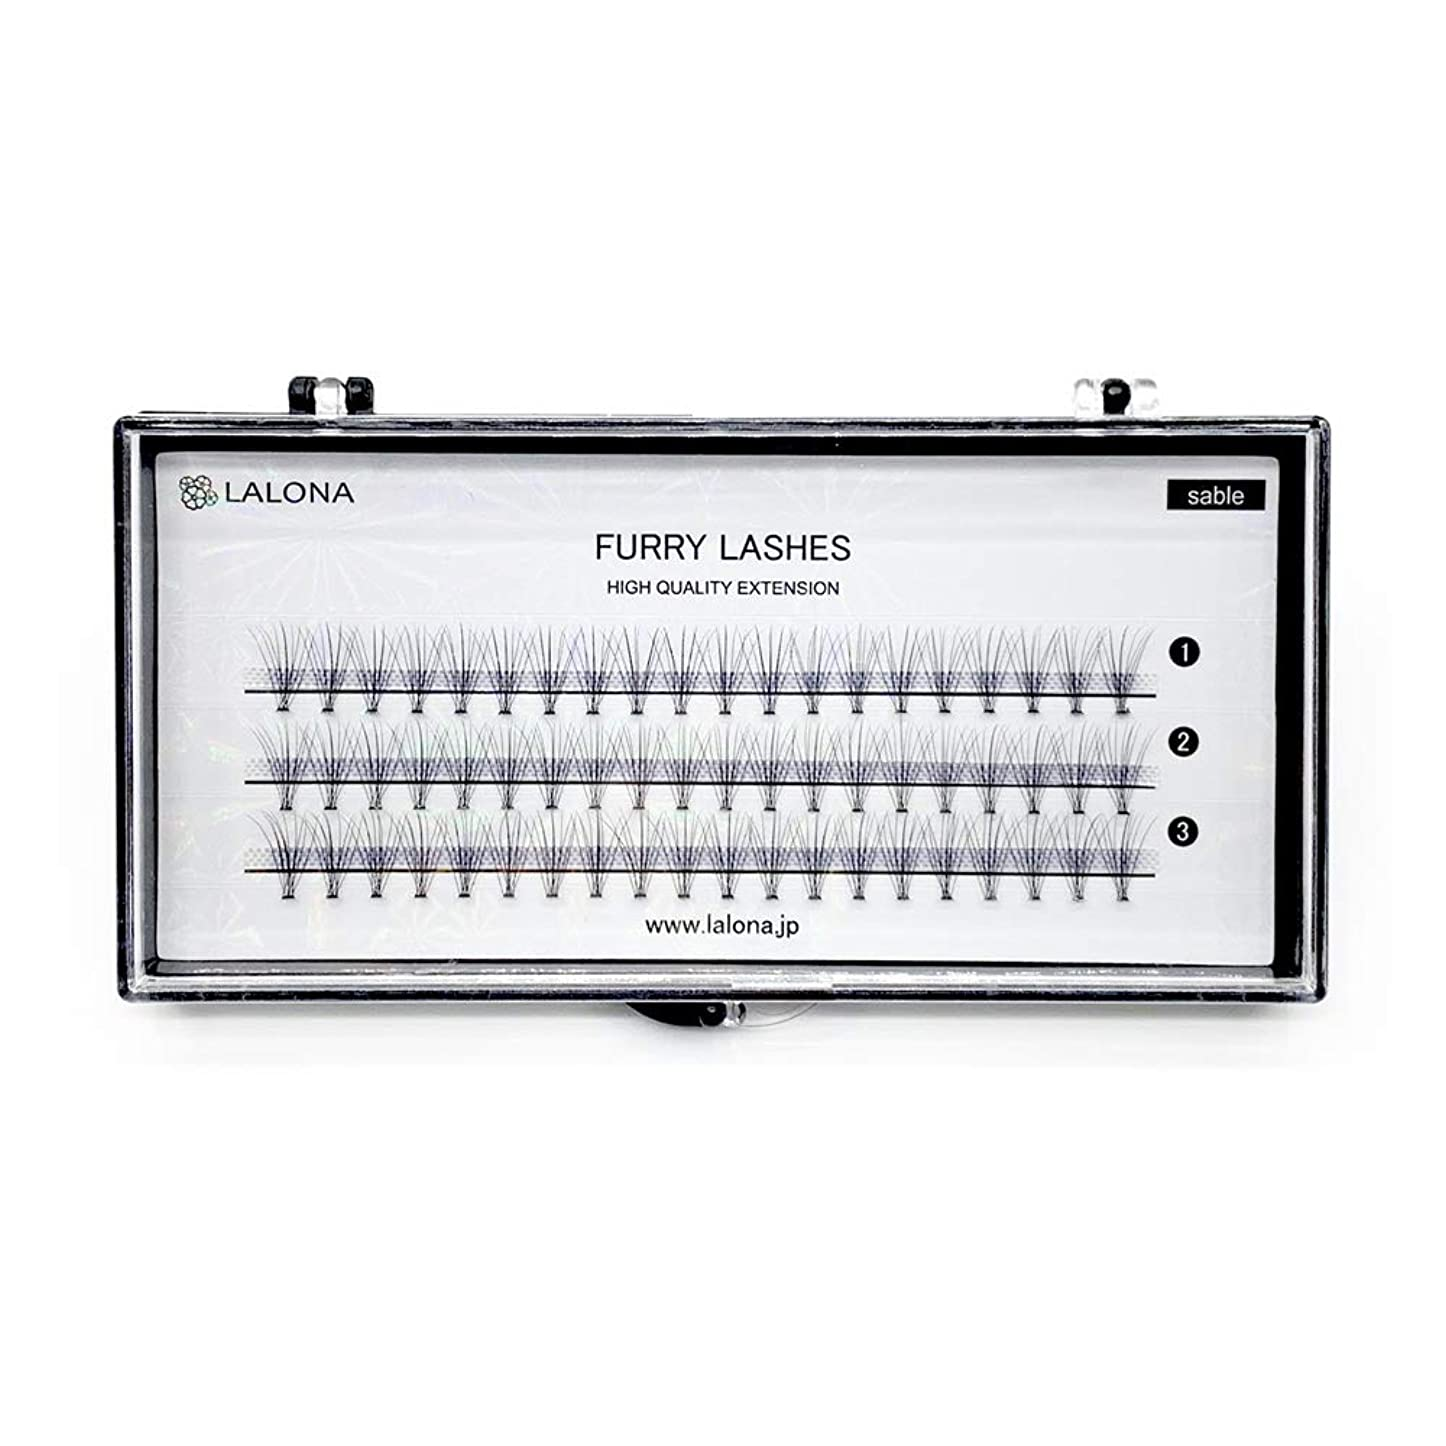 溶かす冷蔵する繊維LALONA [ ラローナ ] ファーリーラッシュ (10D) (60pcs) まつげエクステ 10本束 フレアラッシュ まつエク マツエク 束まつげ セーブル (0.05 / 10mm)